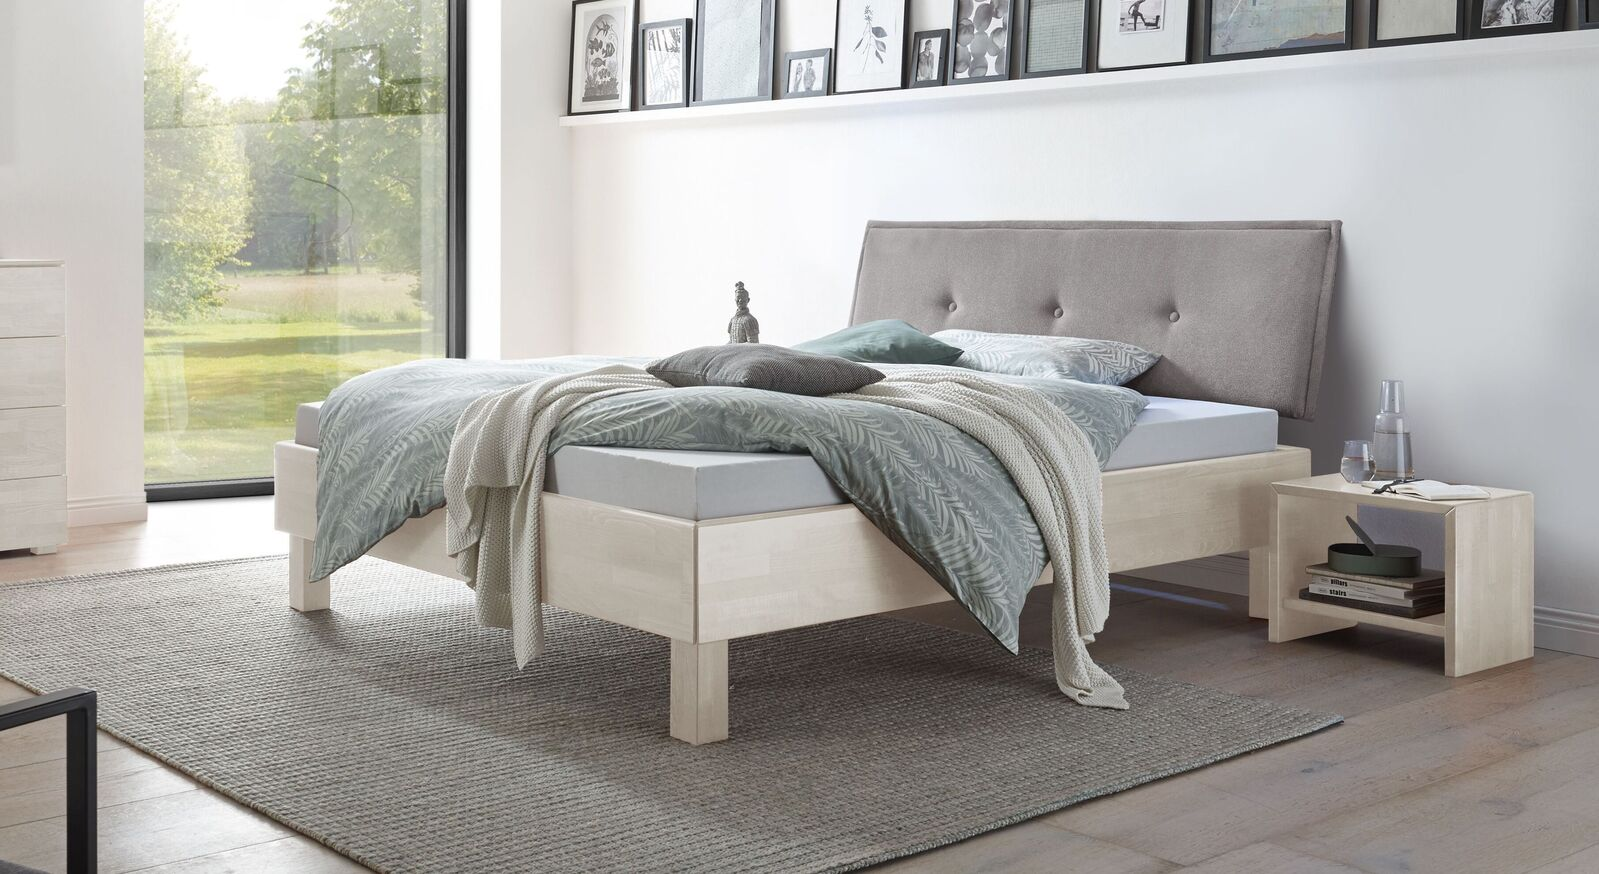 Bett Fenzlo aus weiß lackiertem Buchenholz